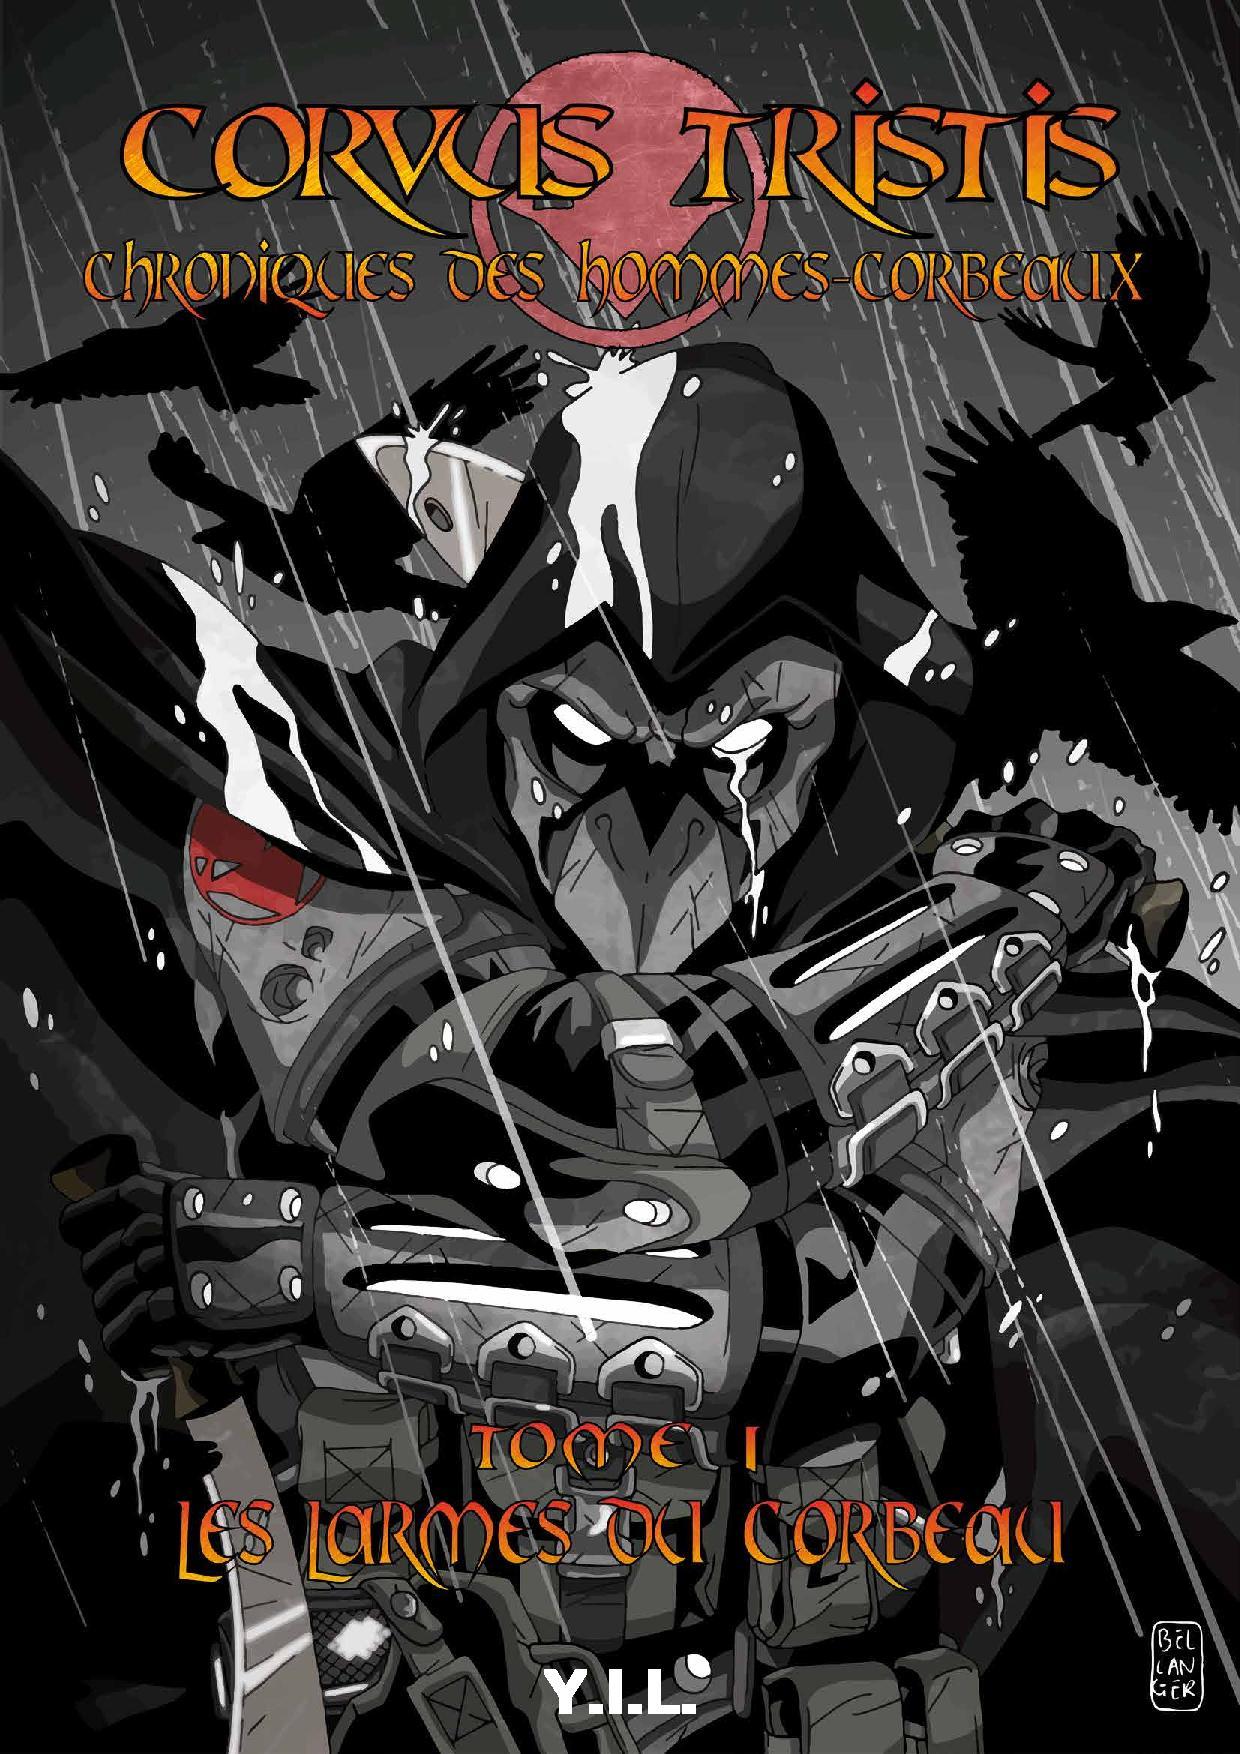 corvus-tristis-chroniques-des-hommes-corbeaux-tome-1-les-larmes-du-corbeau-couverture